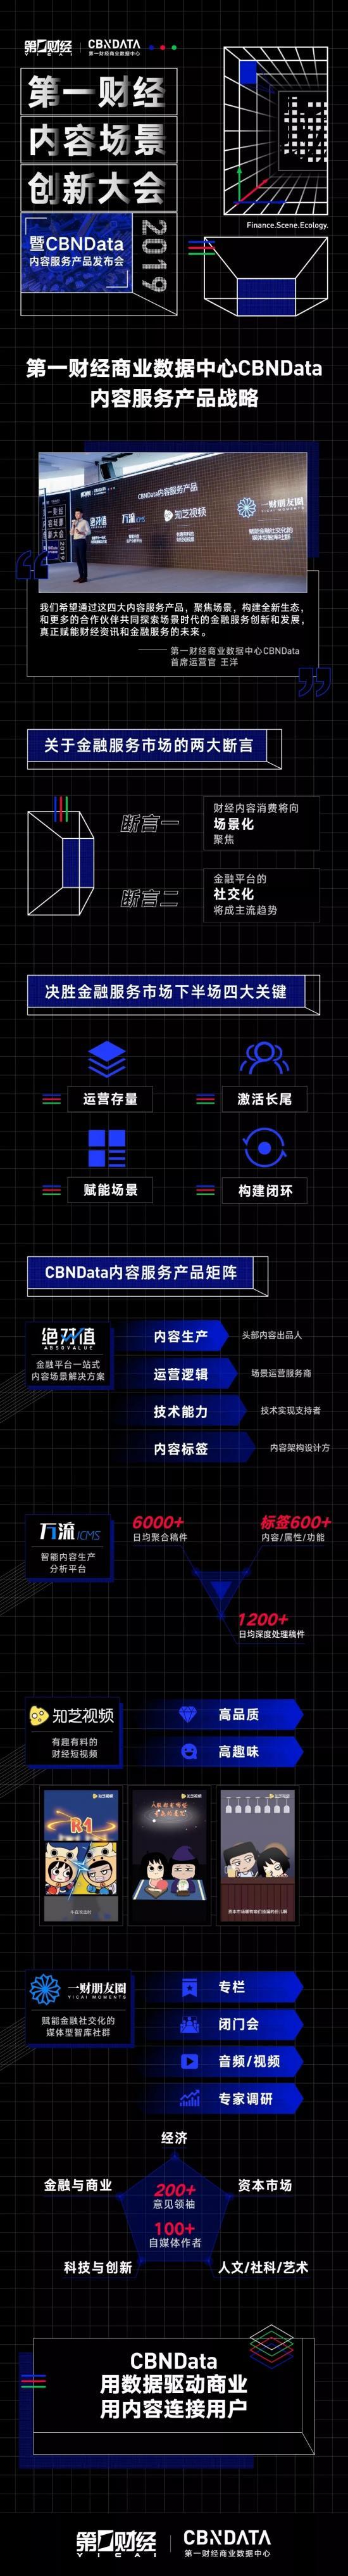 赋能云南网络棋牌公司新场景,CBNData发布四大内容服务产品